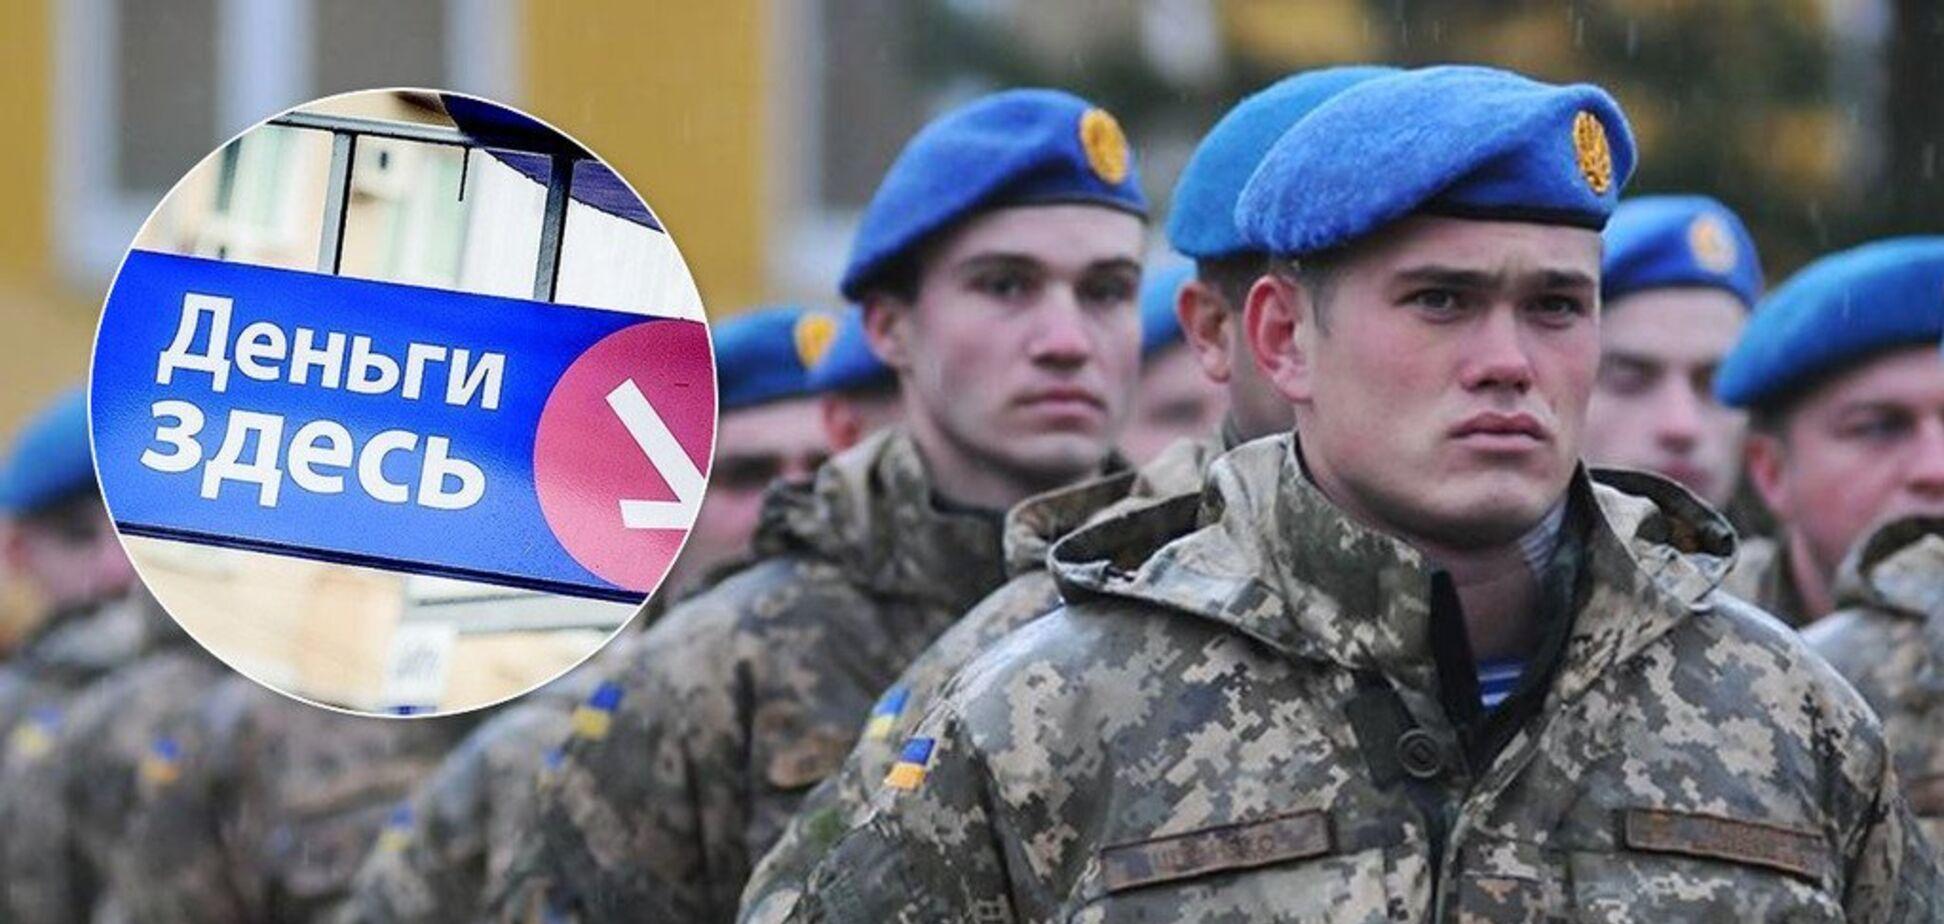 Українських військових обдурюють на кредитах: хто винен, і як не втратити гроші